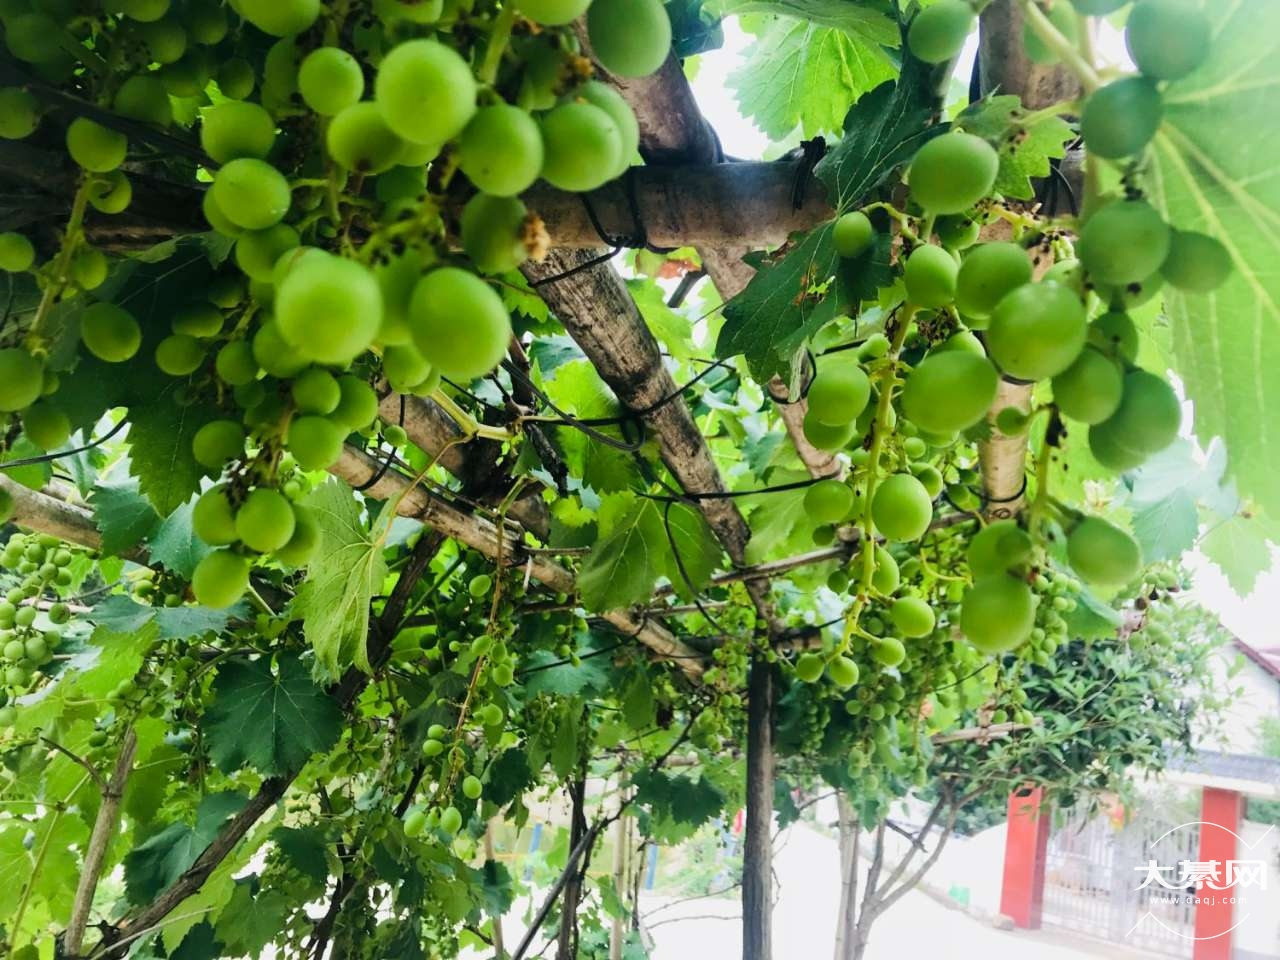 老家的仙人掌开花了,结了几个看到像是果果,今年葡萄结的也多